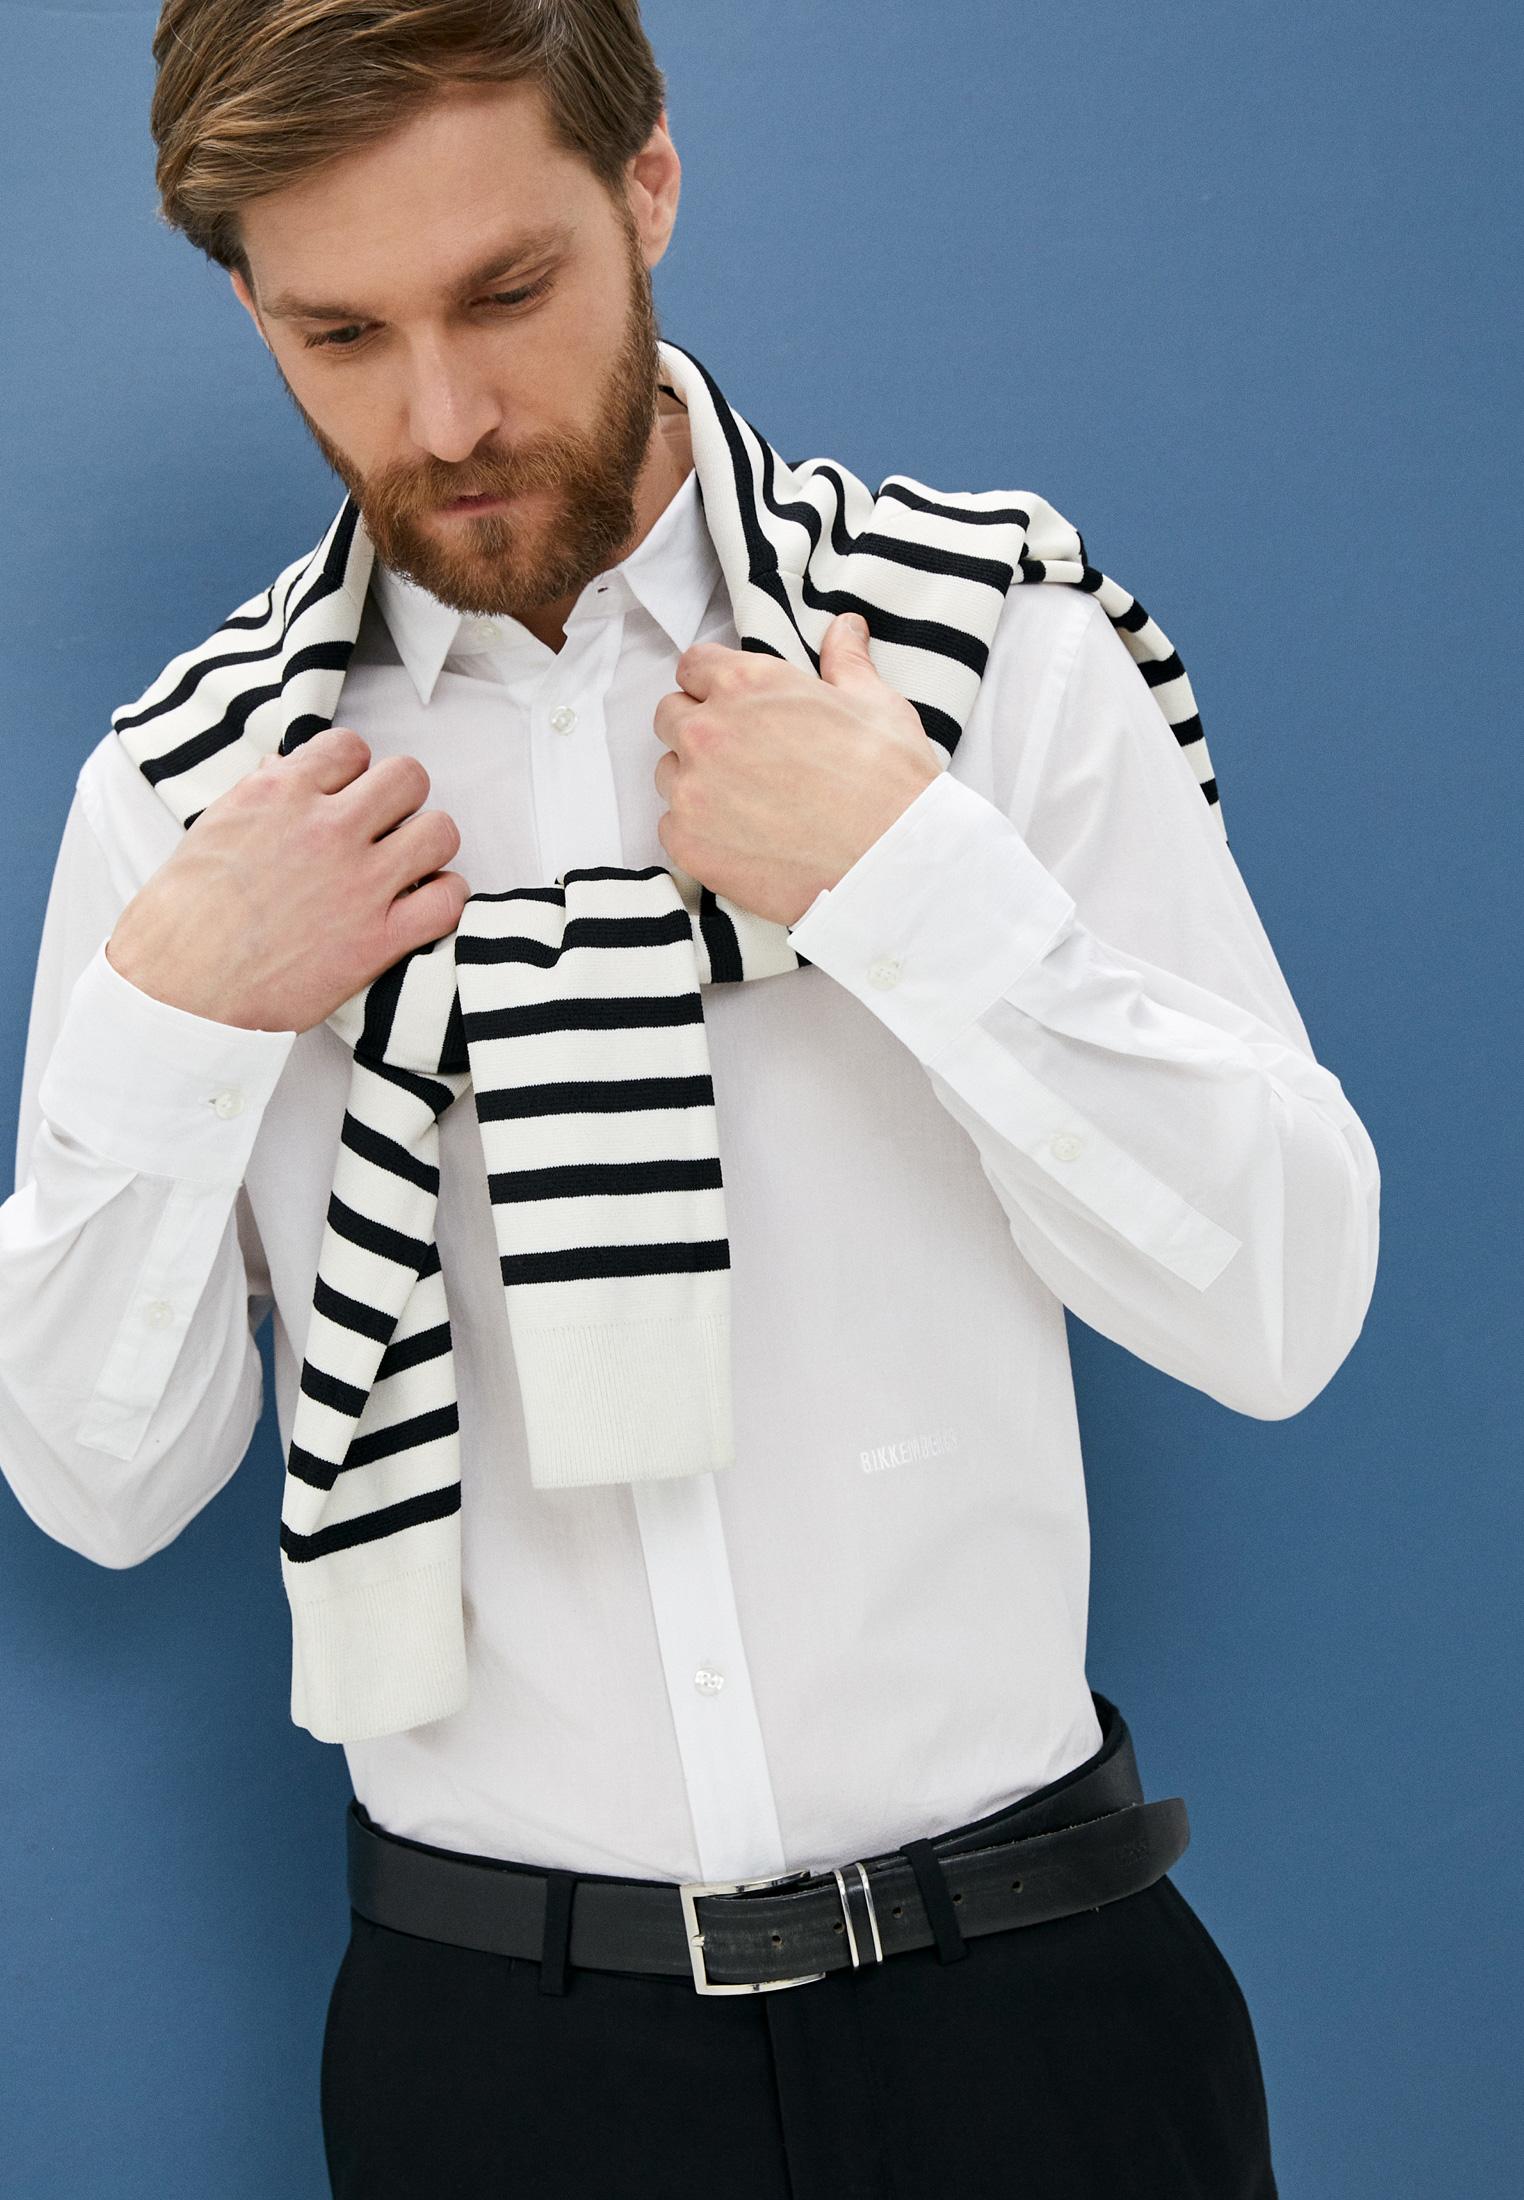 Рубашка с длинным рукавом Bikkembergs (Биккембергс) C C 014 01 T 9208: изображение 2